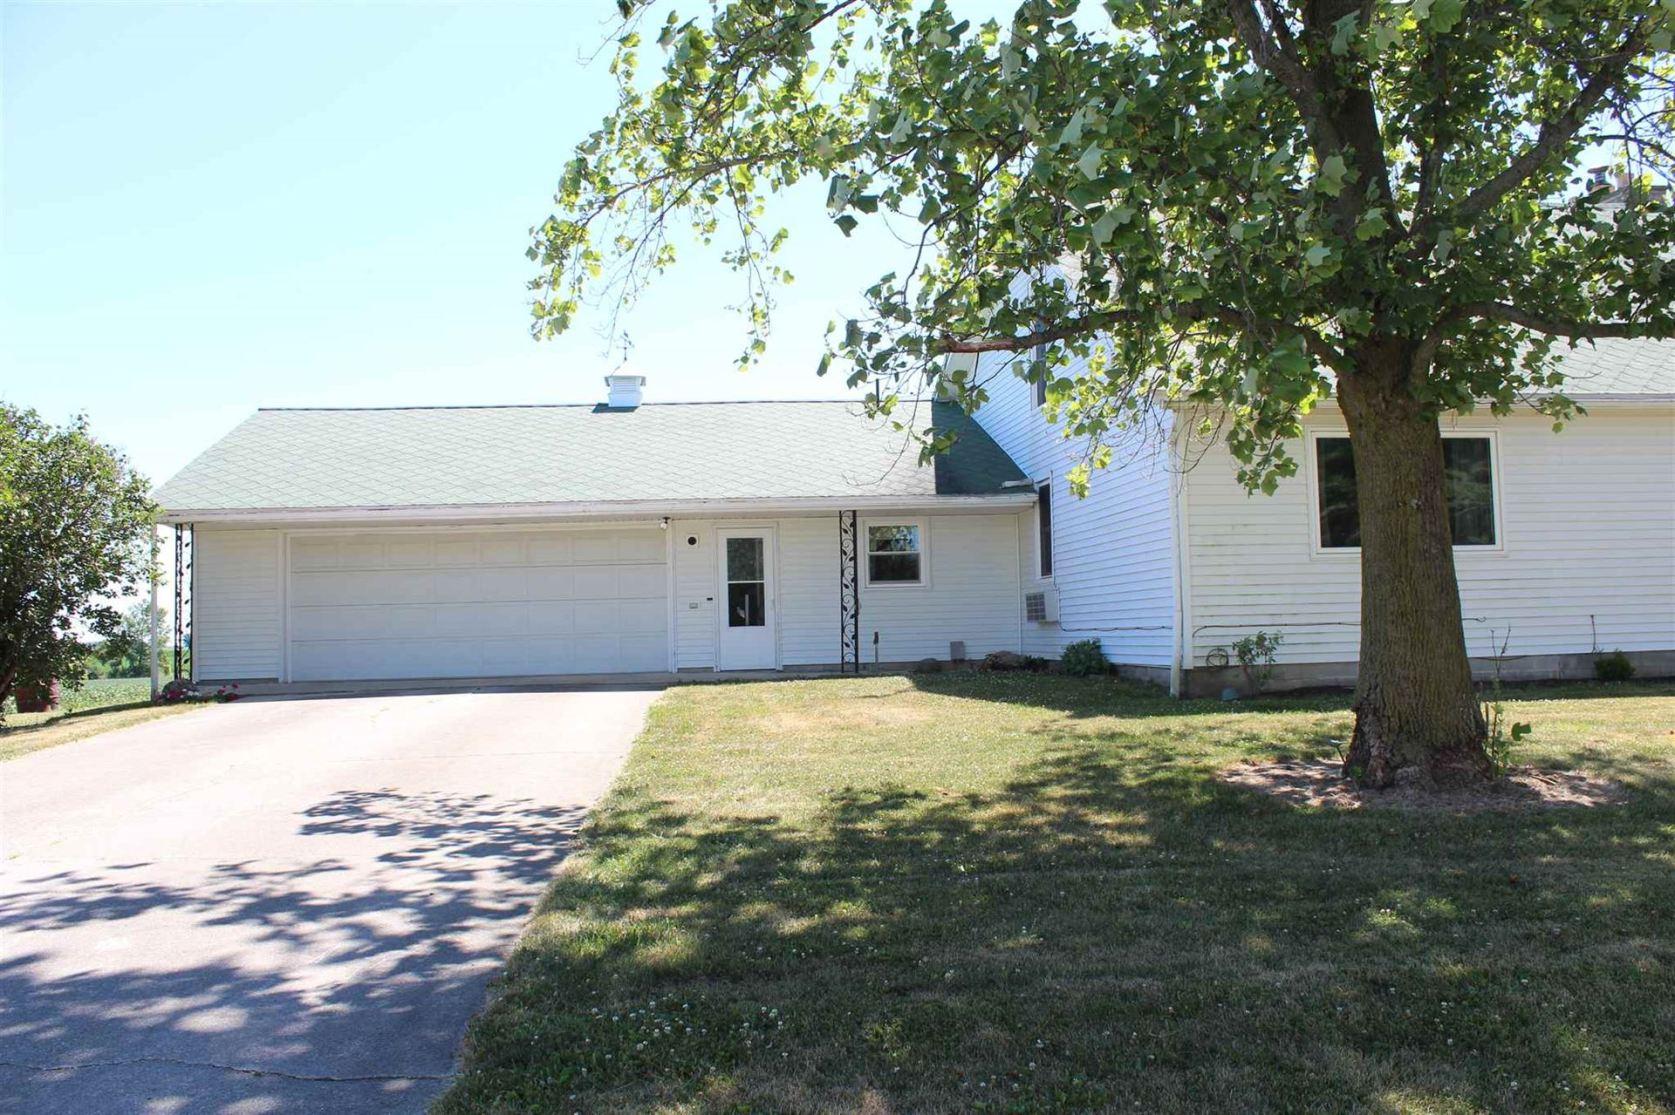 Photo of 1848 E 400 N Road, Urbana, IN 46990 (MLS # 202026816)